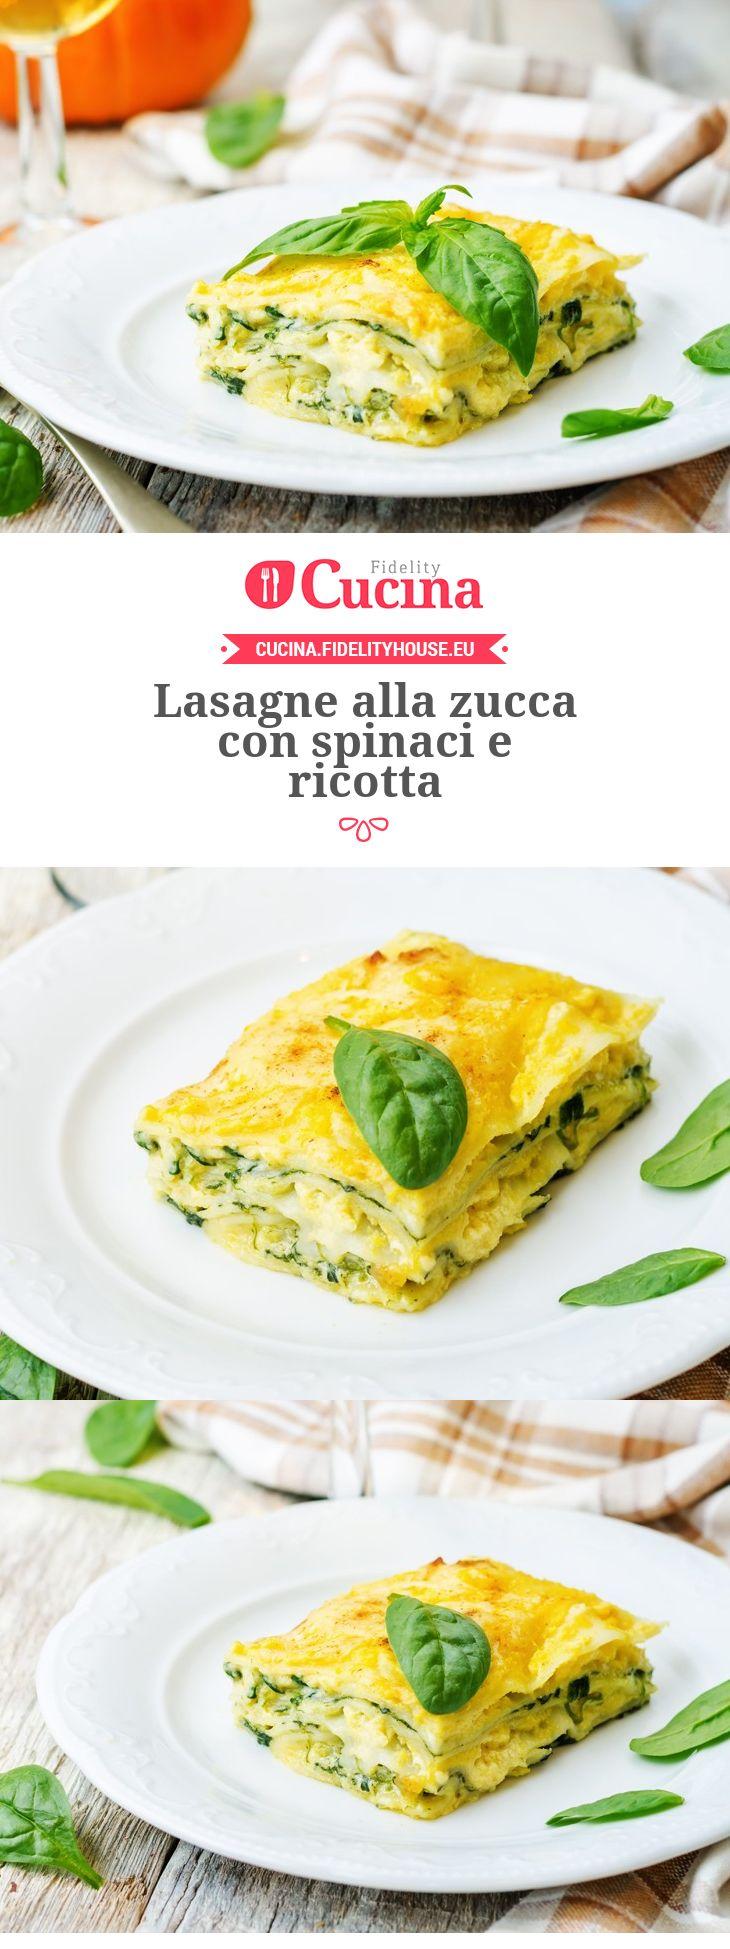 Lasagne alla zucca con spinaci e ricotta